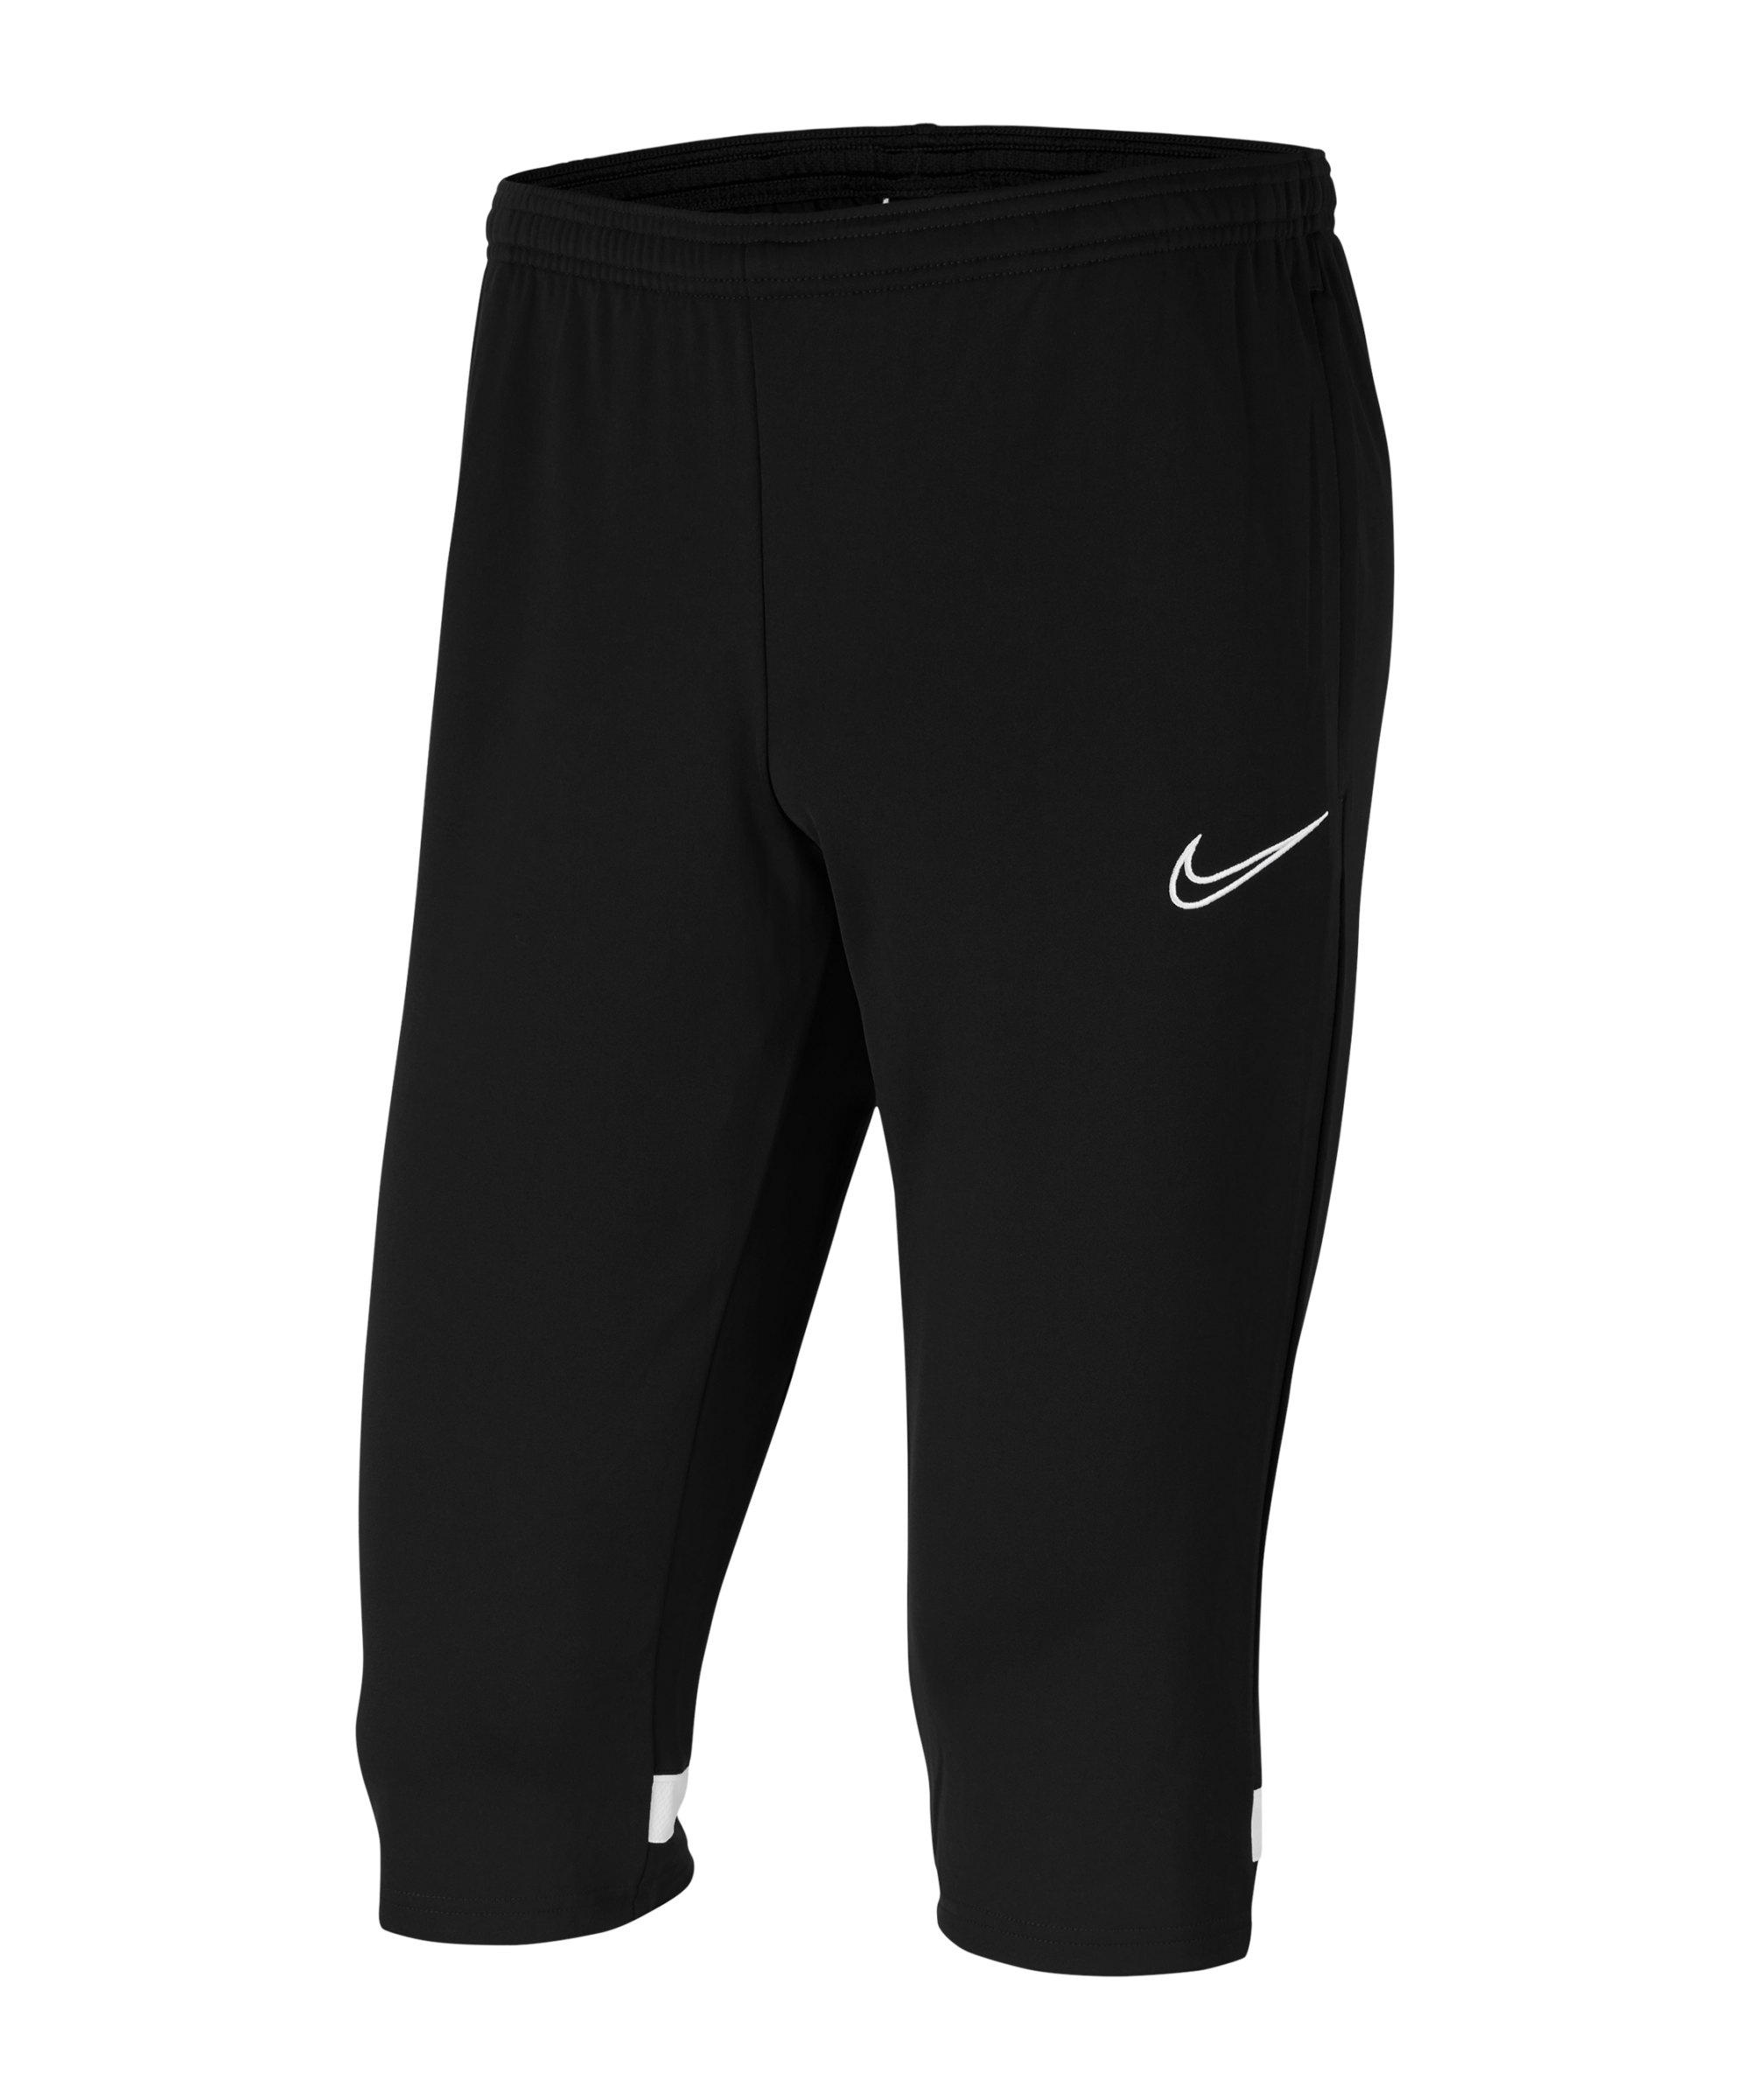 Nike Academy 21 3/4 Hose Schwarz Weiss F010 - schwarz